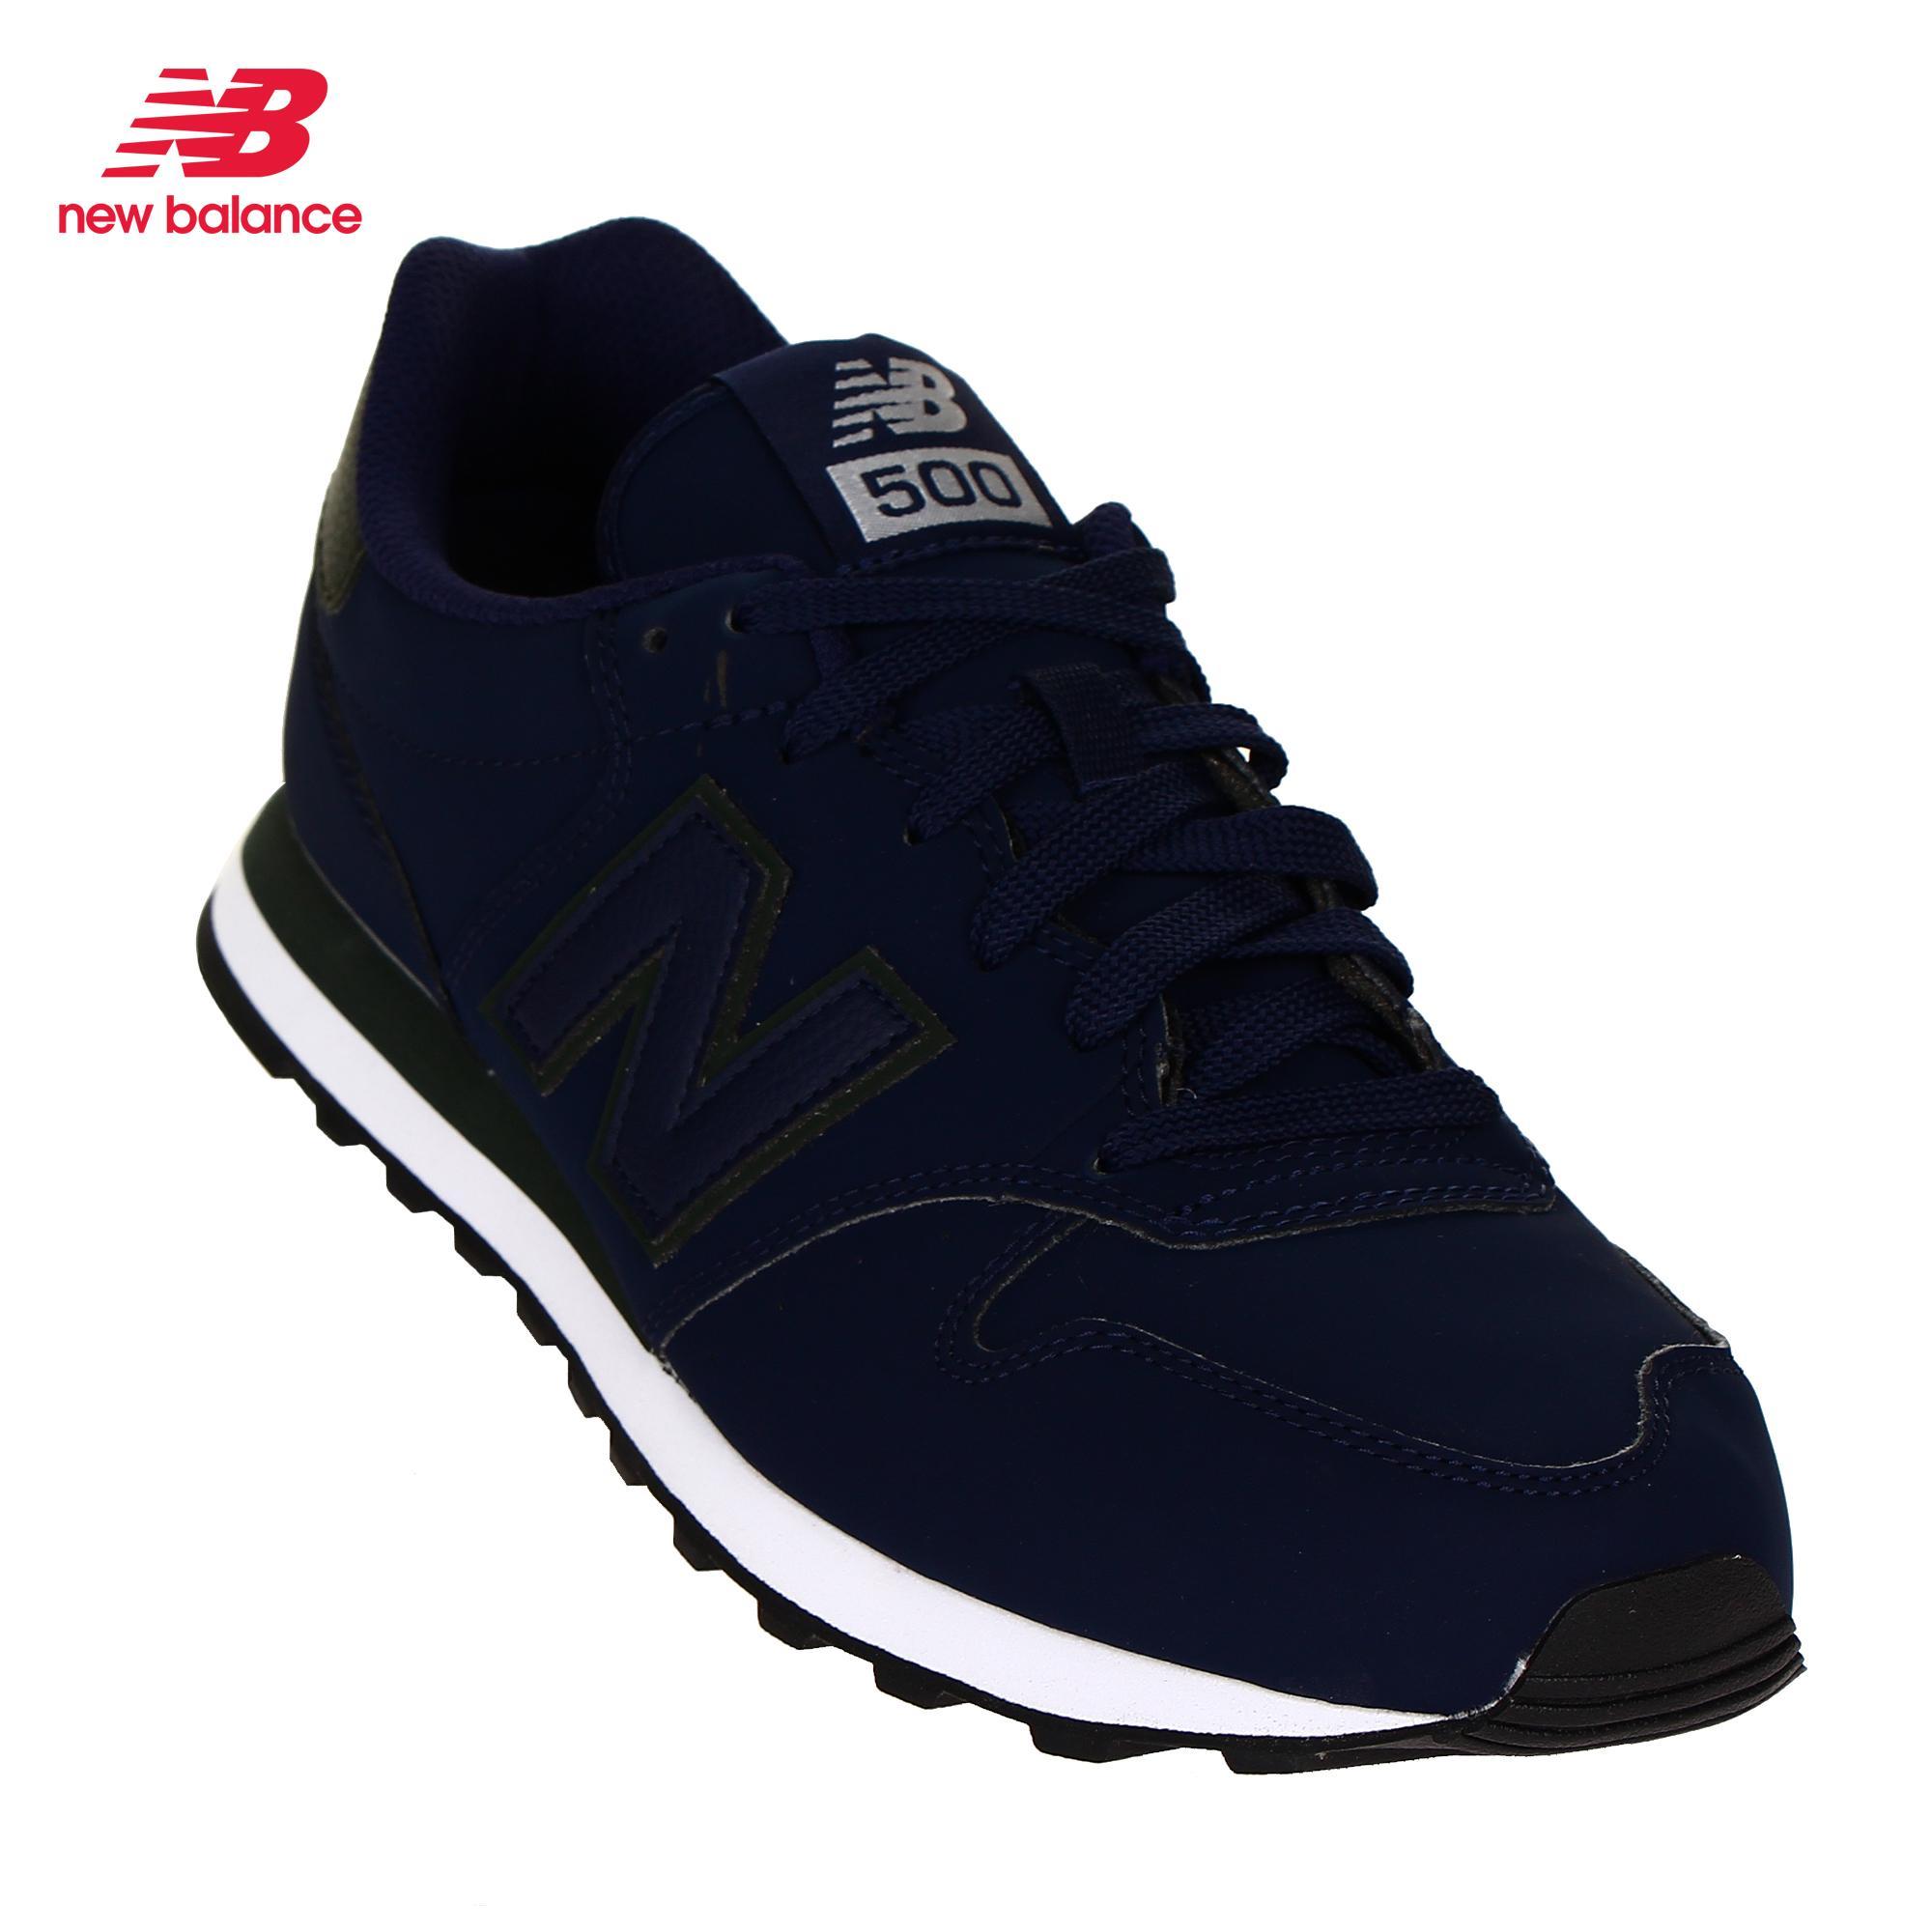 new balance 500 lifestyle shoes - 55